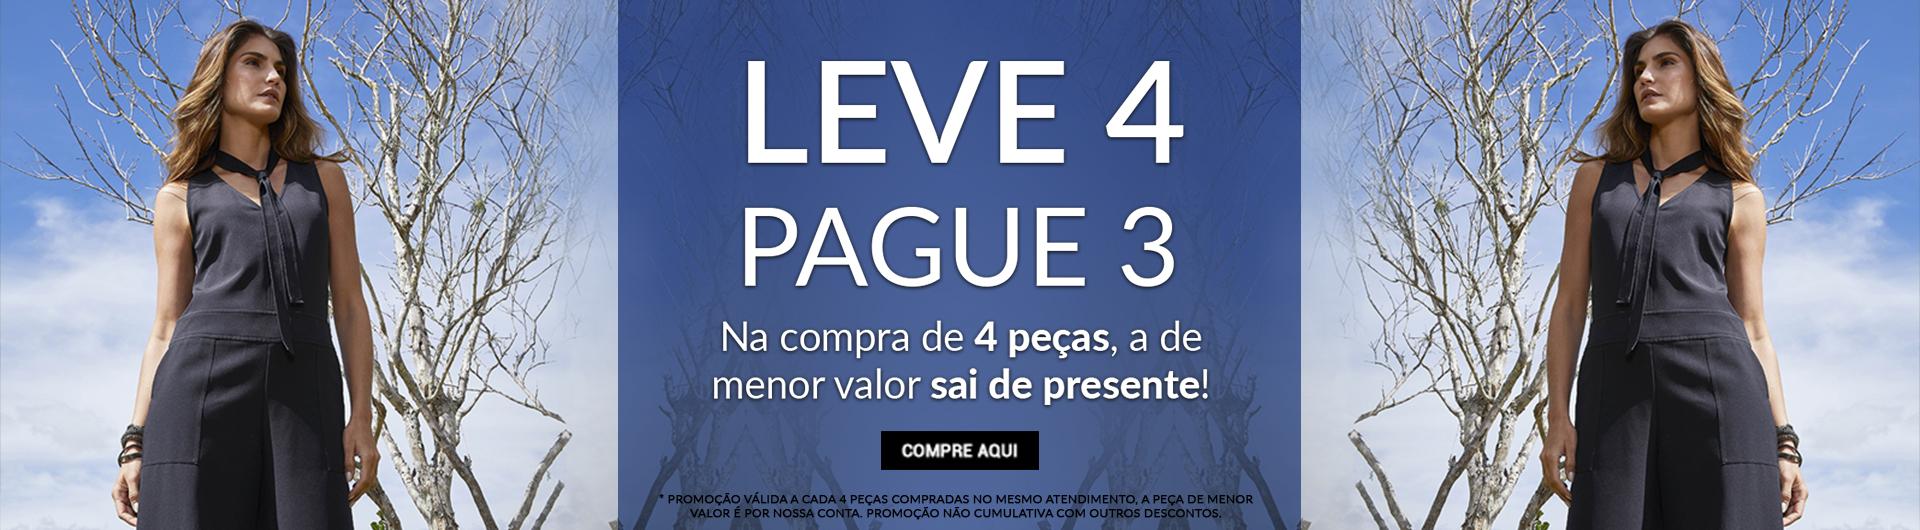 Leve 4 Pague 3